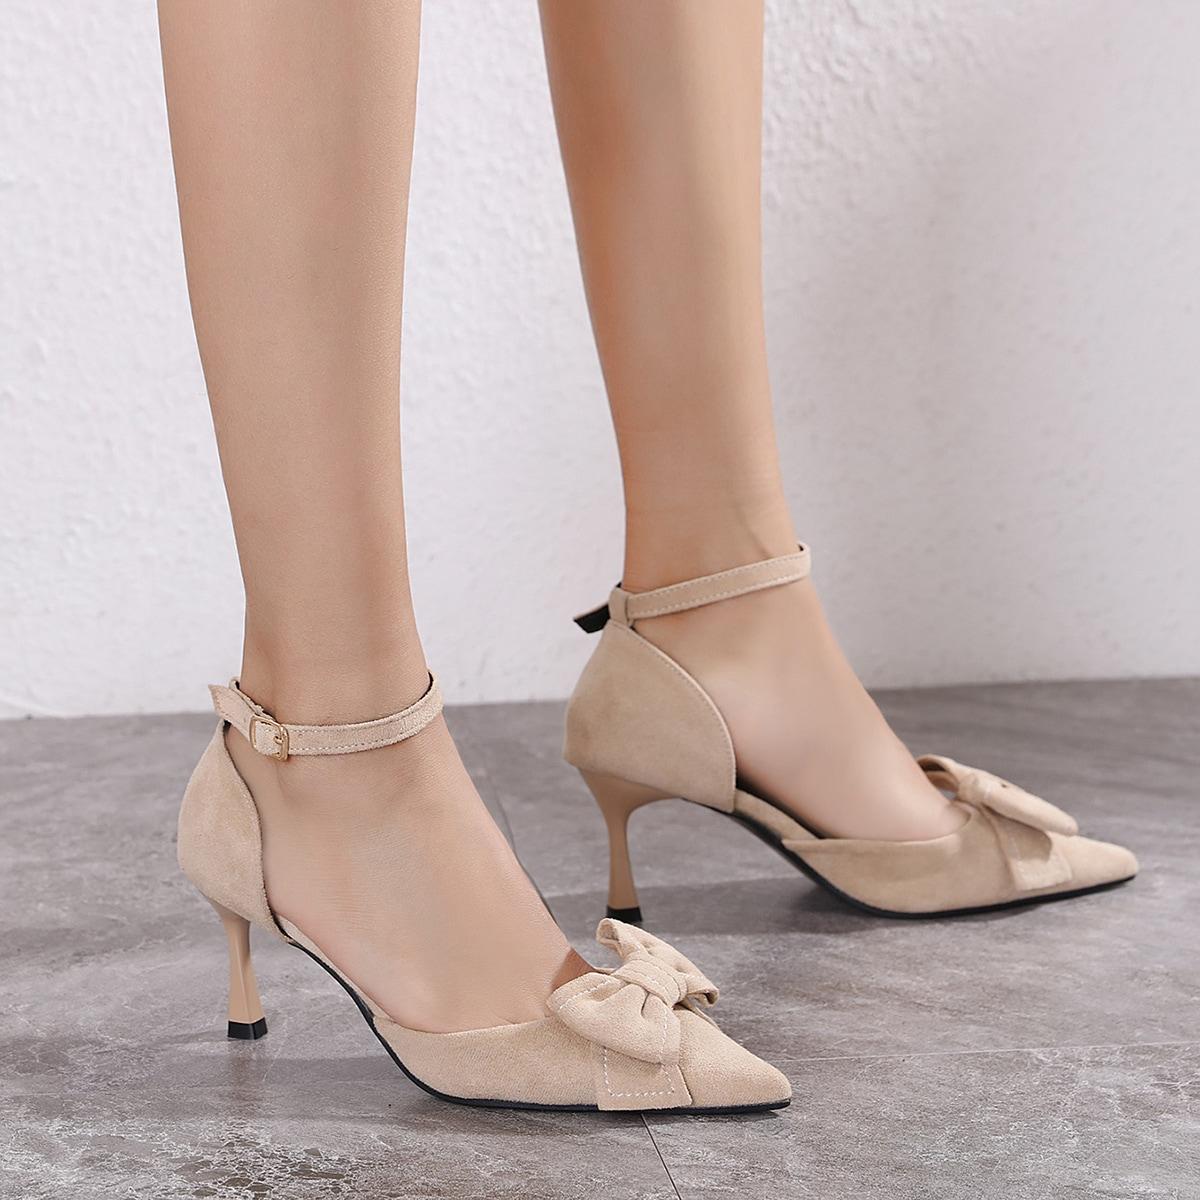 Замшевые туфли на среднем каблуке от SHEIN